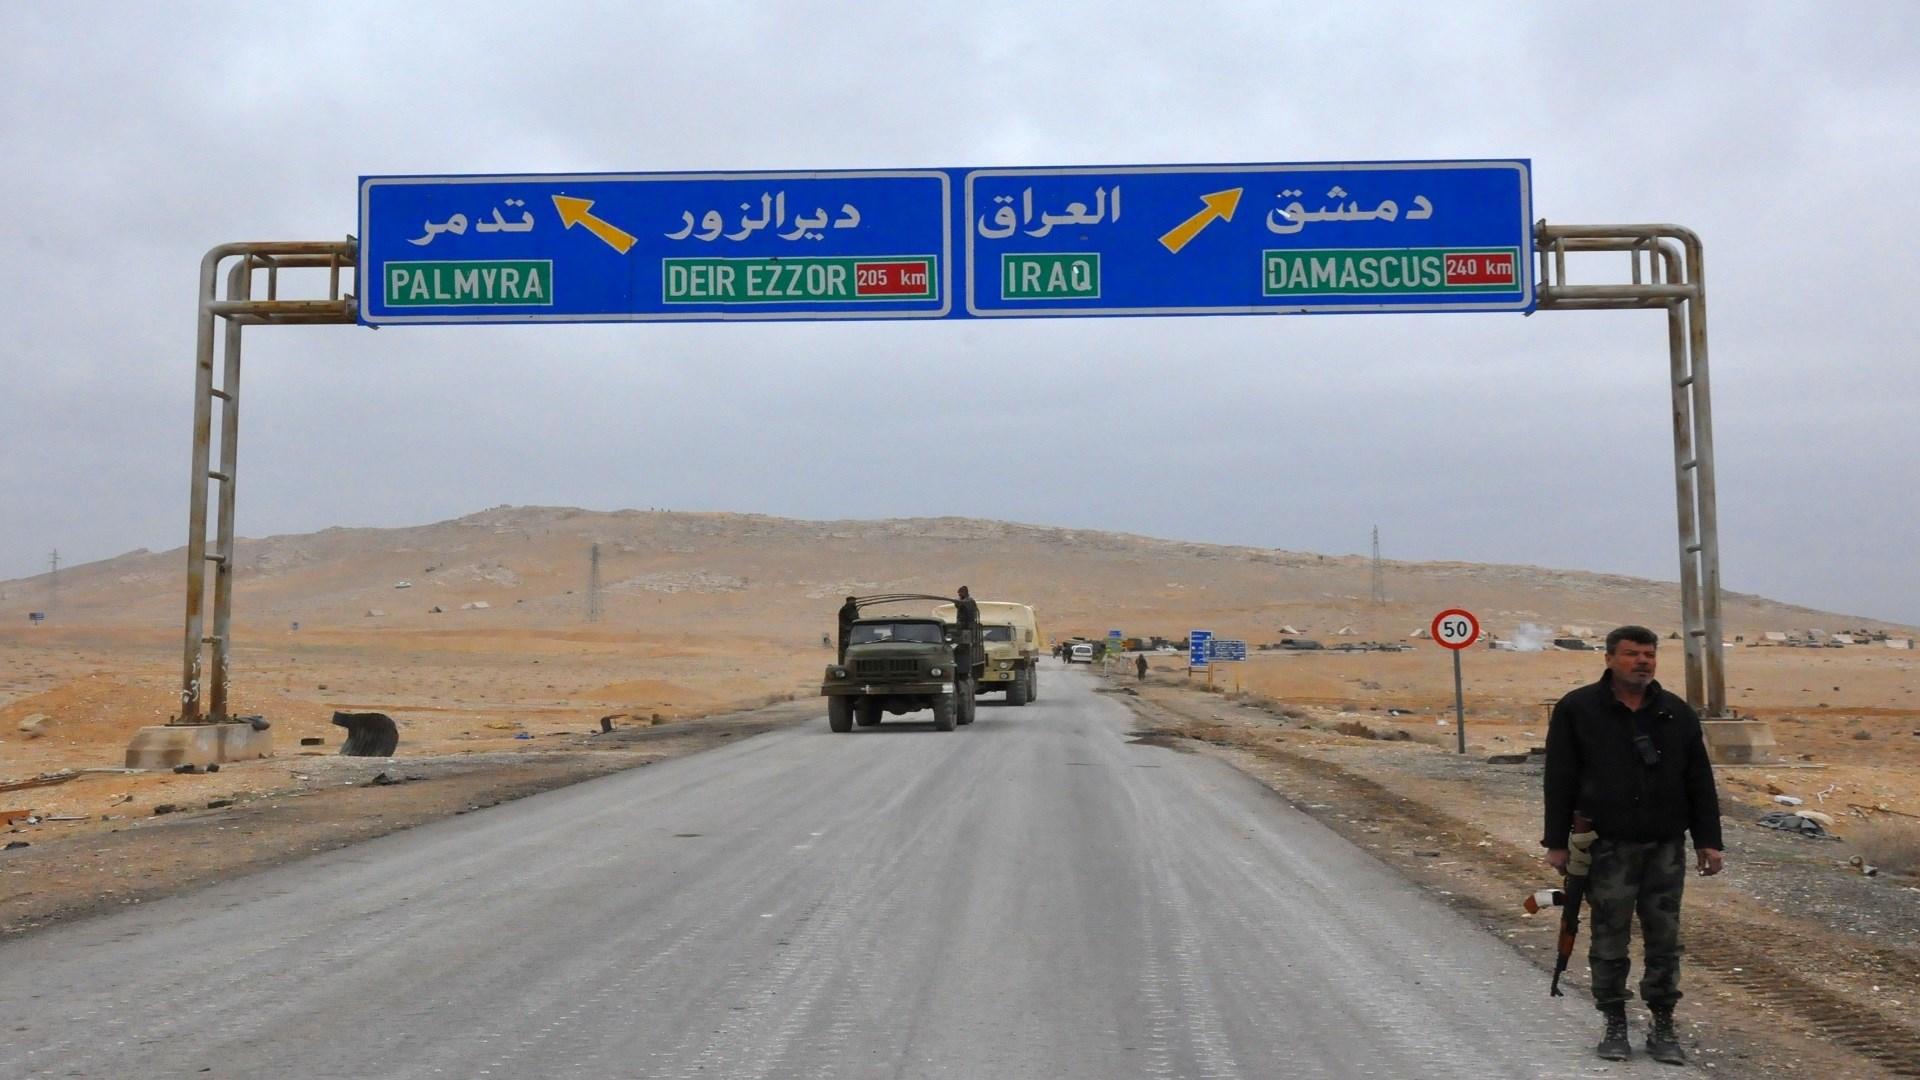 كمين عناصر داعش للحافلة العسكرية أدى إلى استشهاد 3 عسكريين وجرح 10 آخرين